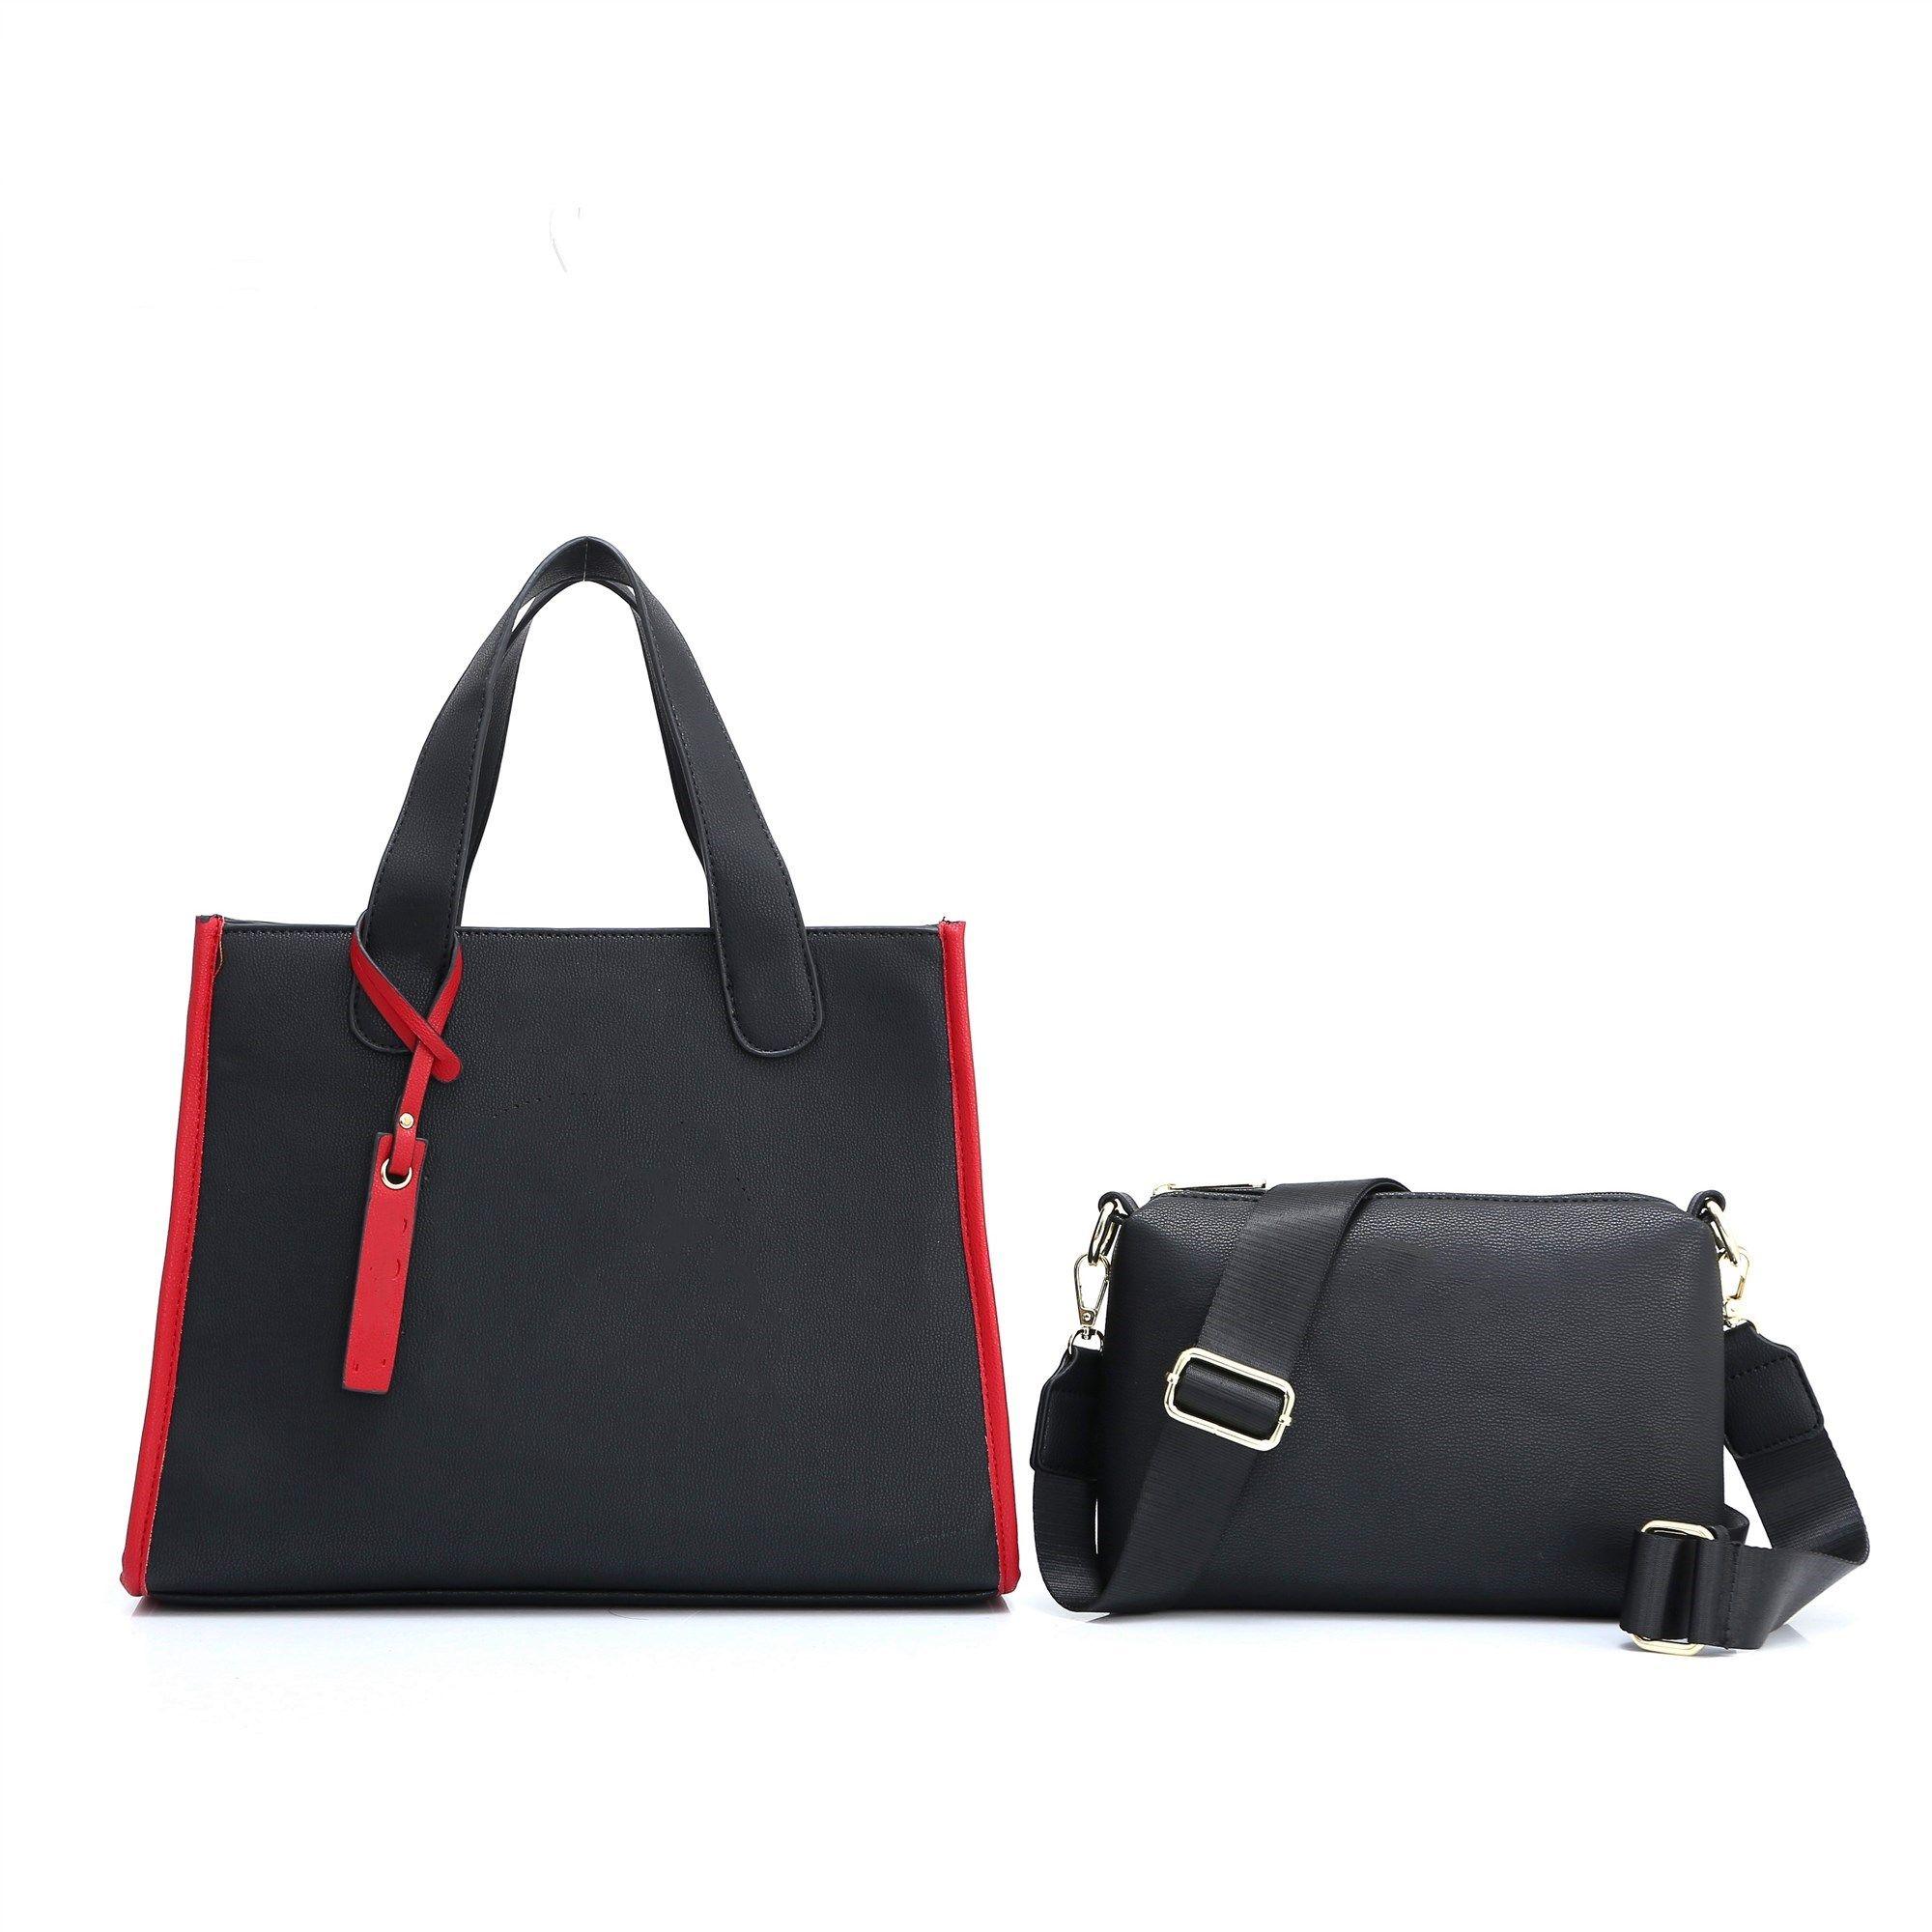 2020 styles sac à main célèbre designer Marque de mode en cuir Sacs à main Fourre-tout Sacs à bandoulière en cuir Sacs à main Lady M Sacs bourse 601T #